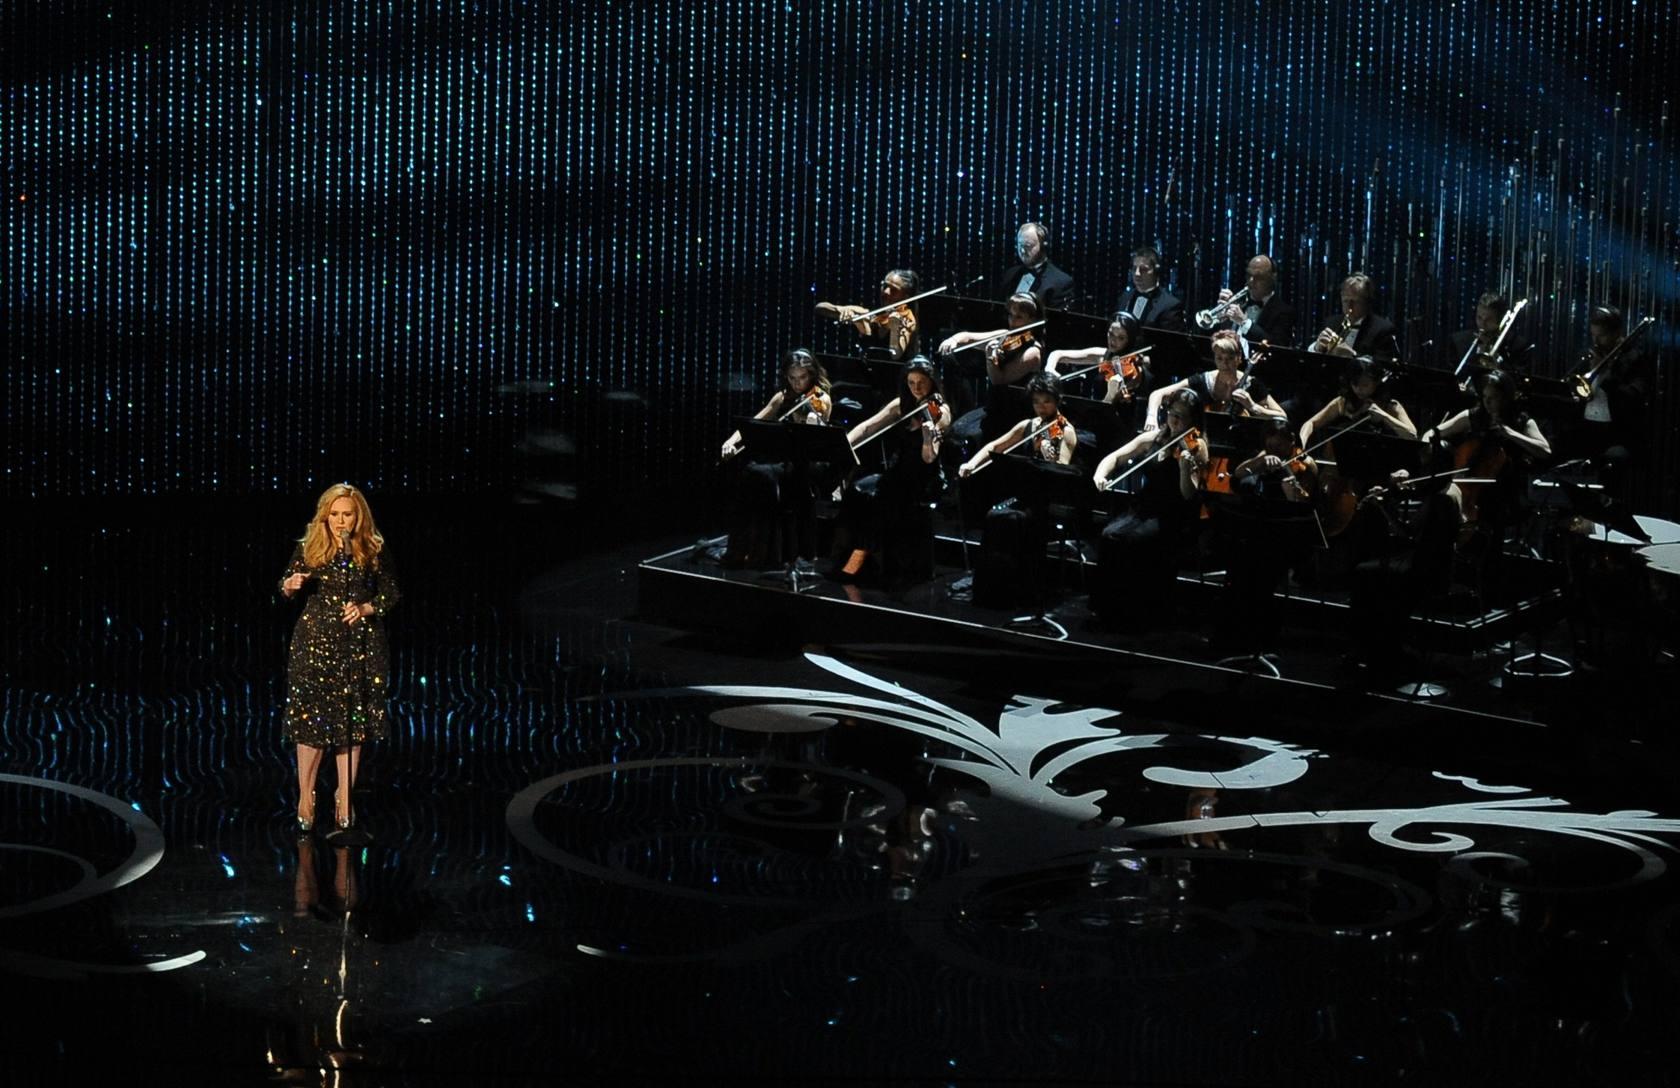 La gala de los Oscars 2013